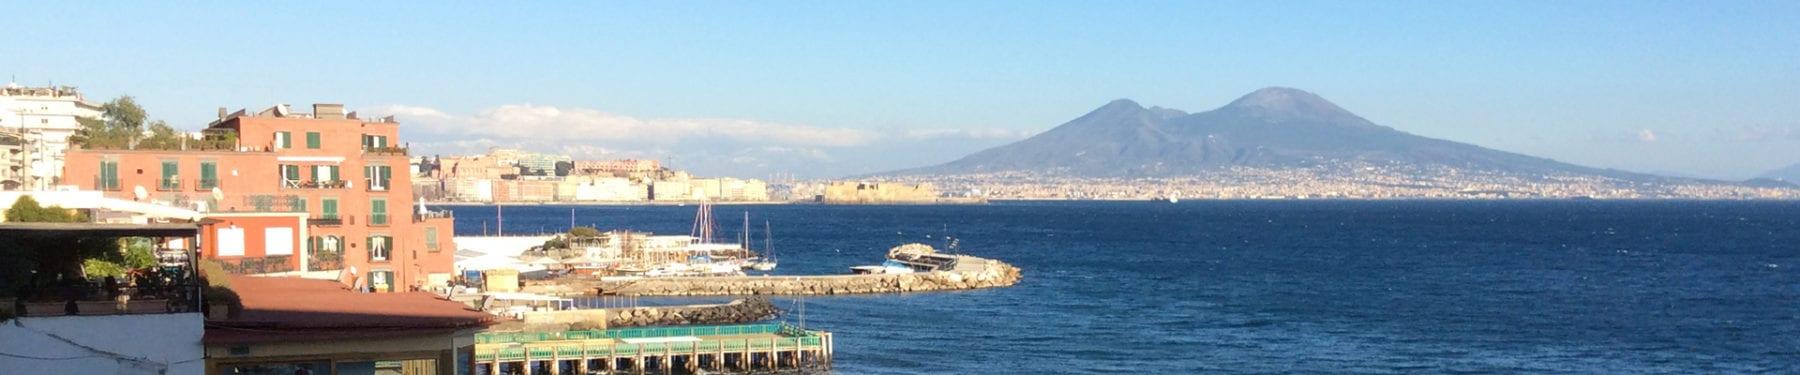 golfo di Napoli con via Caracciolo e il Vesuvio sullo sfondo